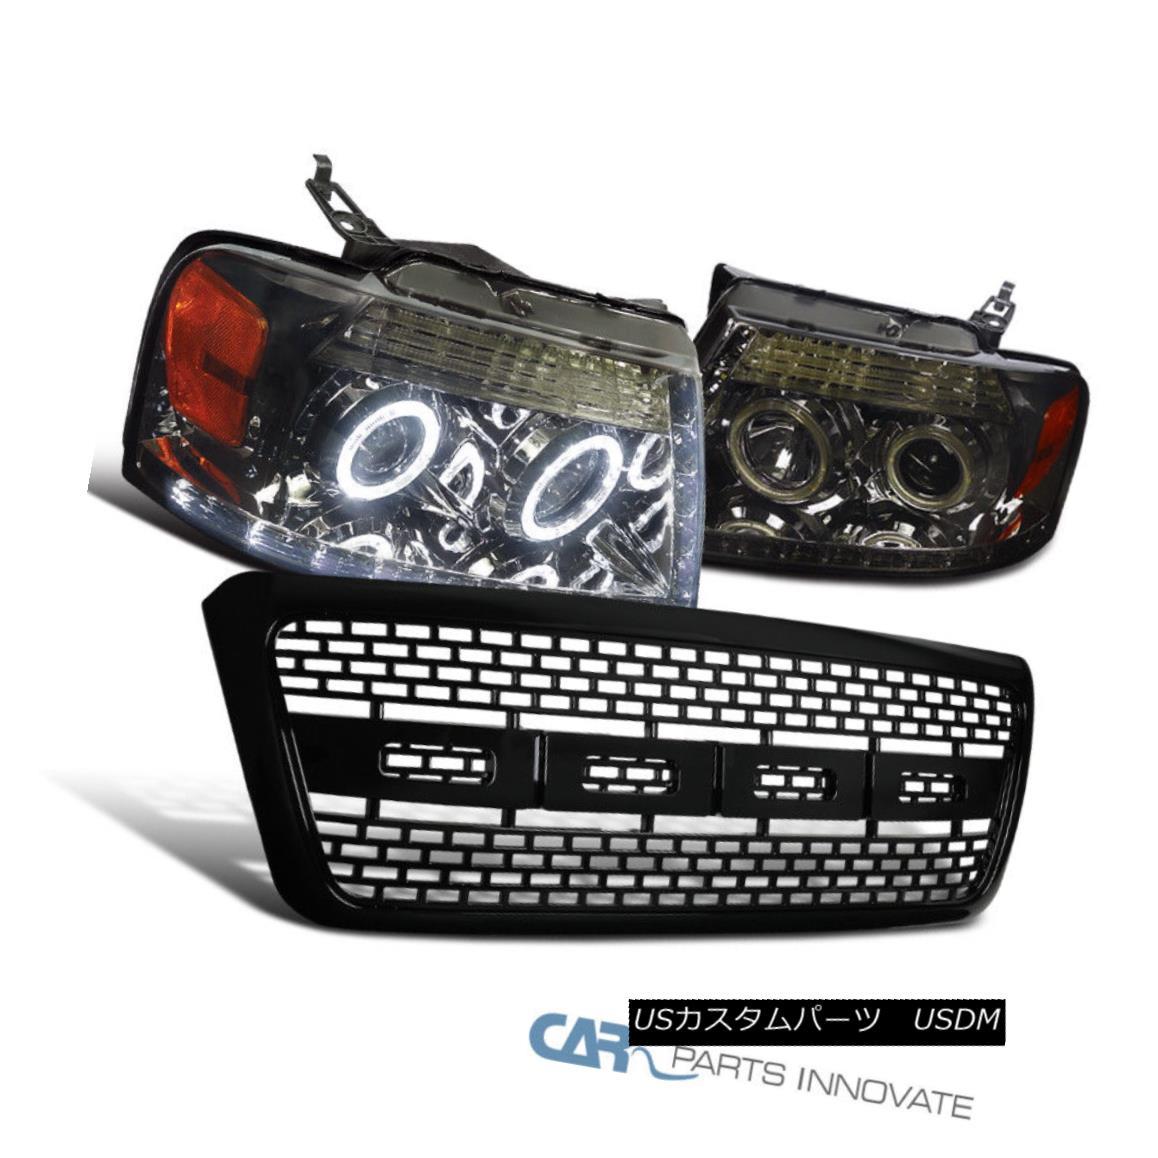 グリル Ford 04-08 F150 Pickup Smoke Halo LED Projector Headlights+Raptor Bumper Grille Ford 04-08 F150ピックアップスモークハローLEDプロジェクターヘッドライト+ラップ Tor Bumper Grille